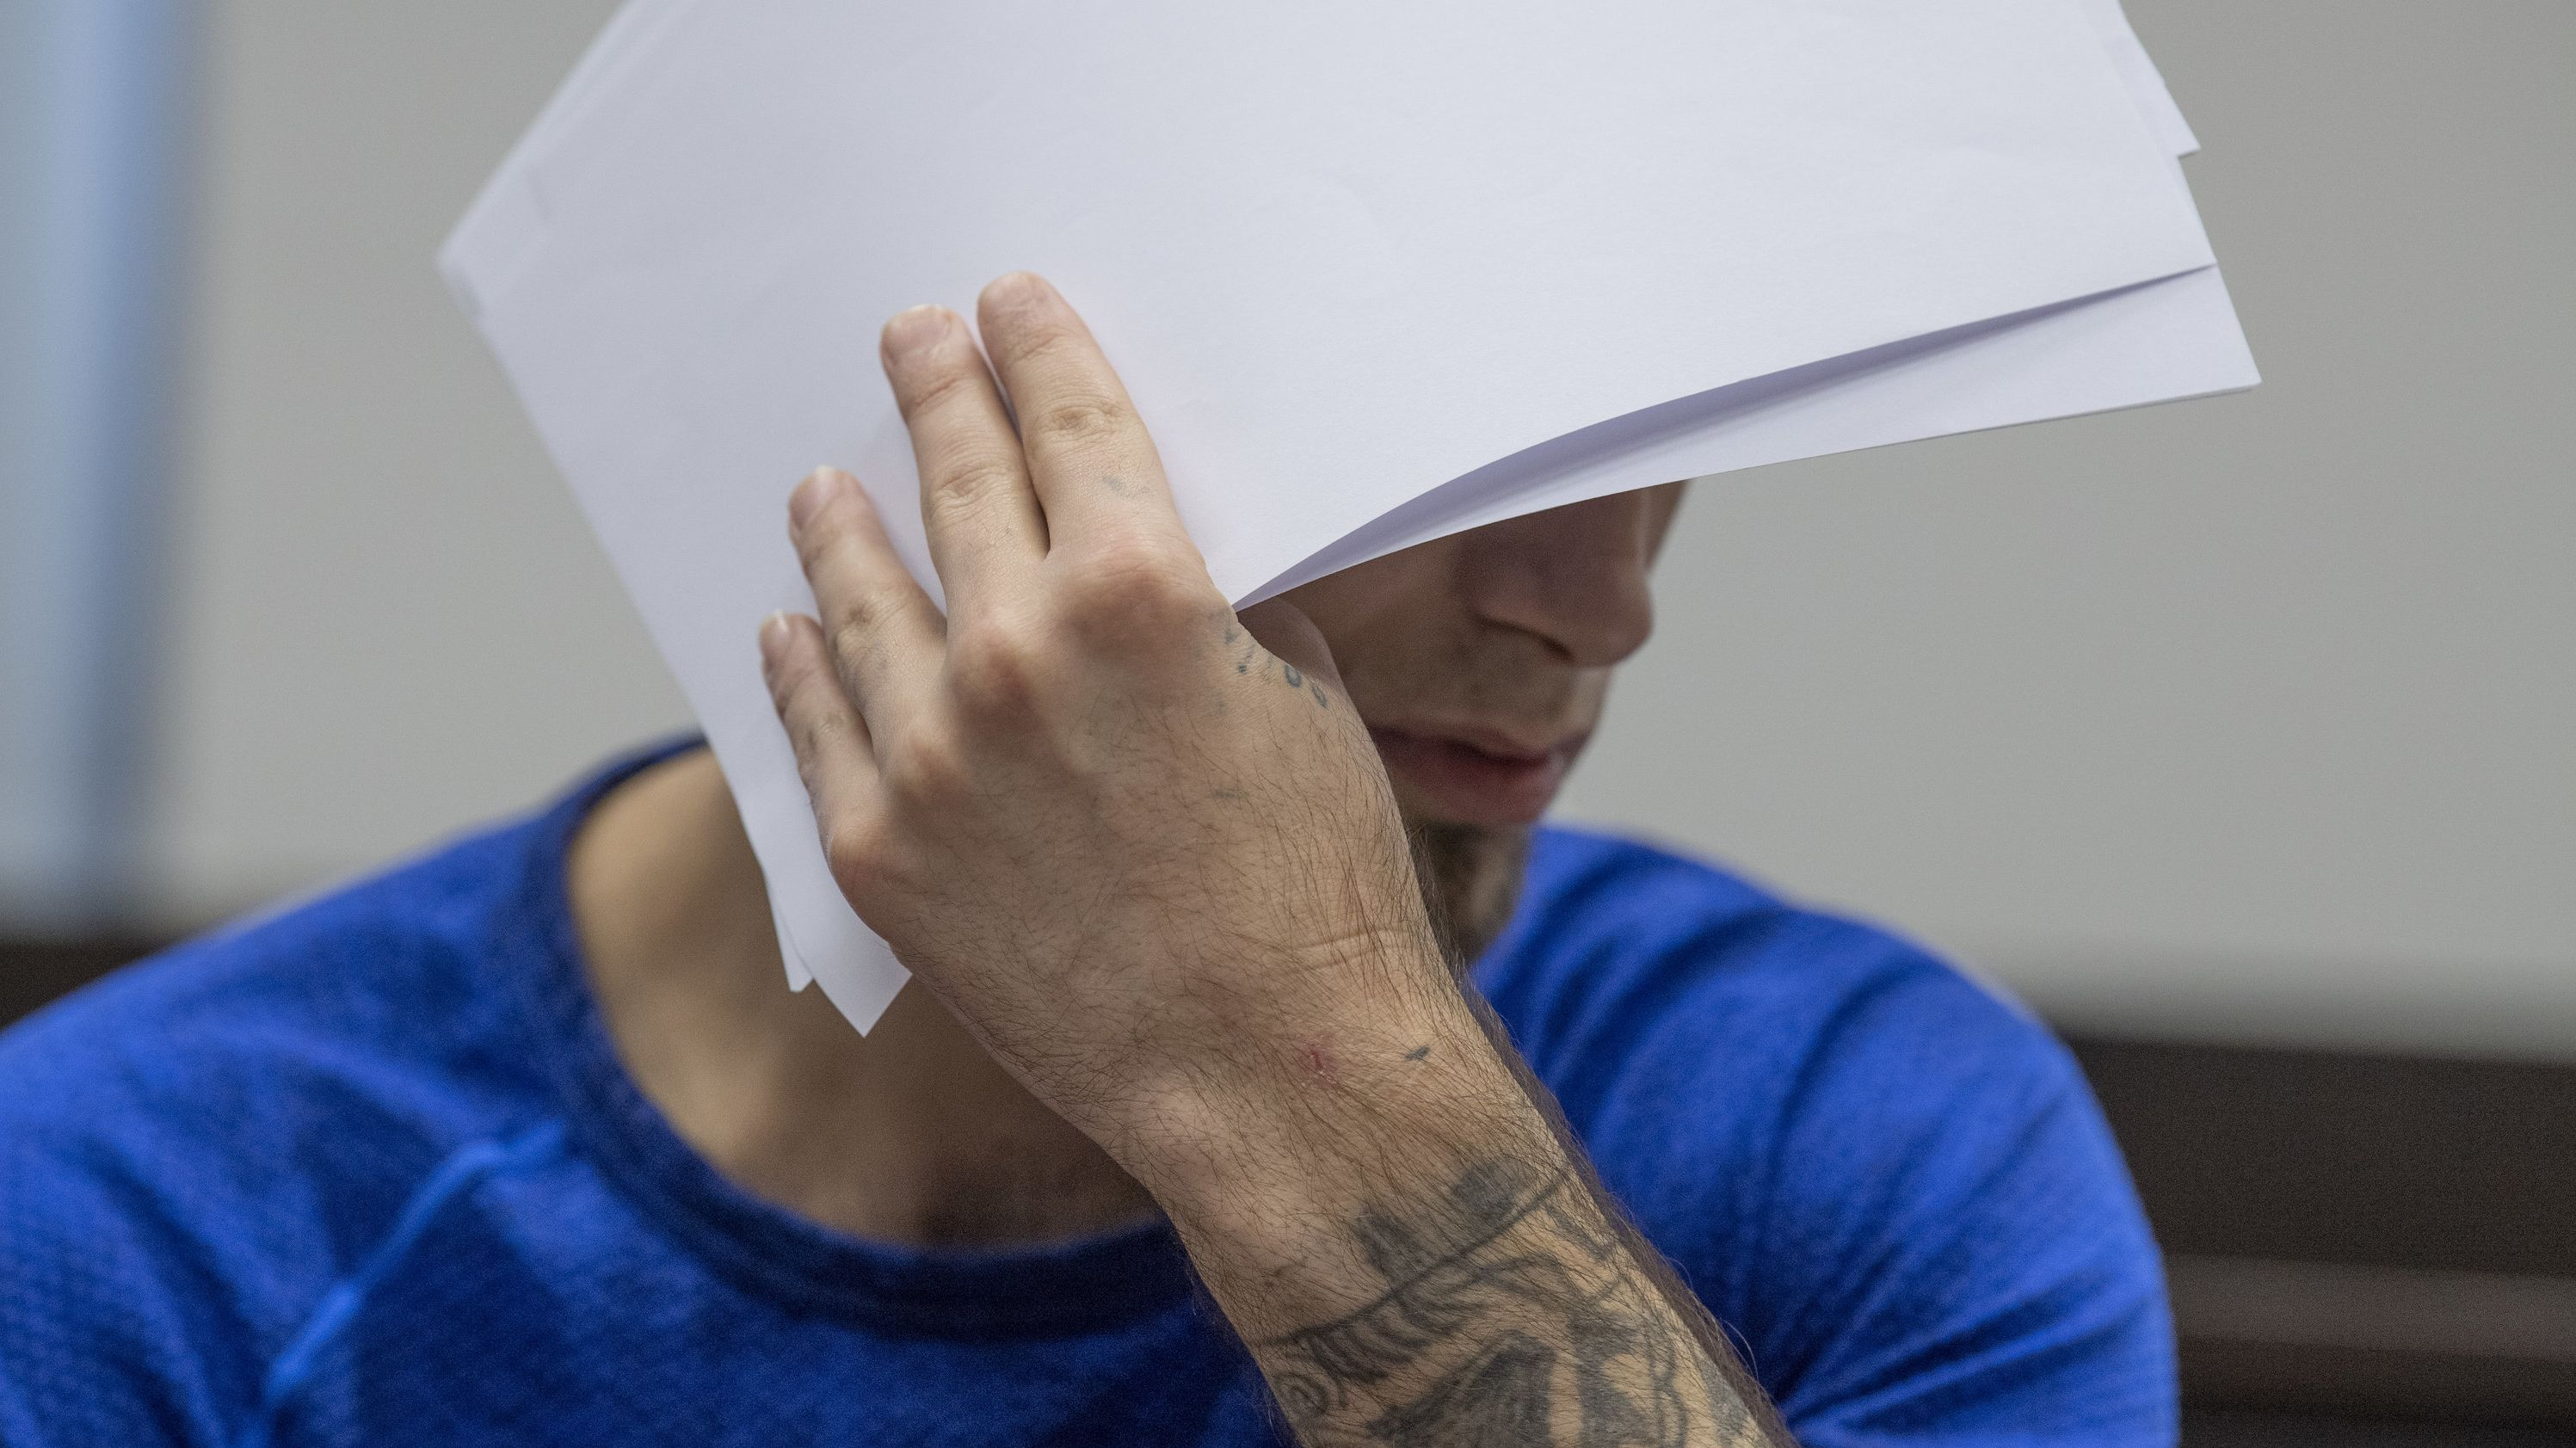 """26.06.2019: Ali B., Angeklagter im """"Mordfall Susanna"""", verdeckt beim Betreten des Verhandlungssaals sein Gesicht vor den Kameras der Fotografen"""